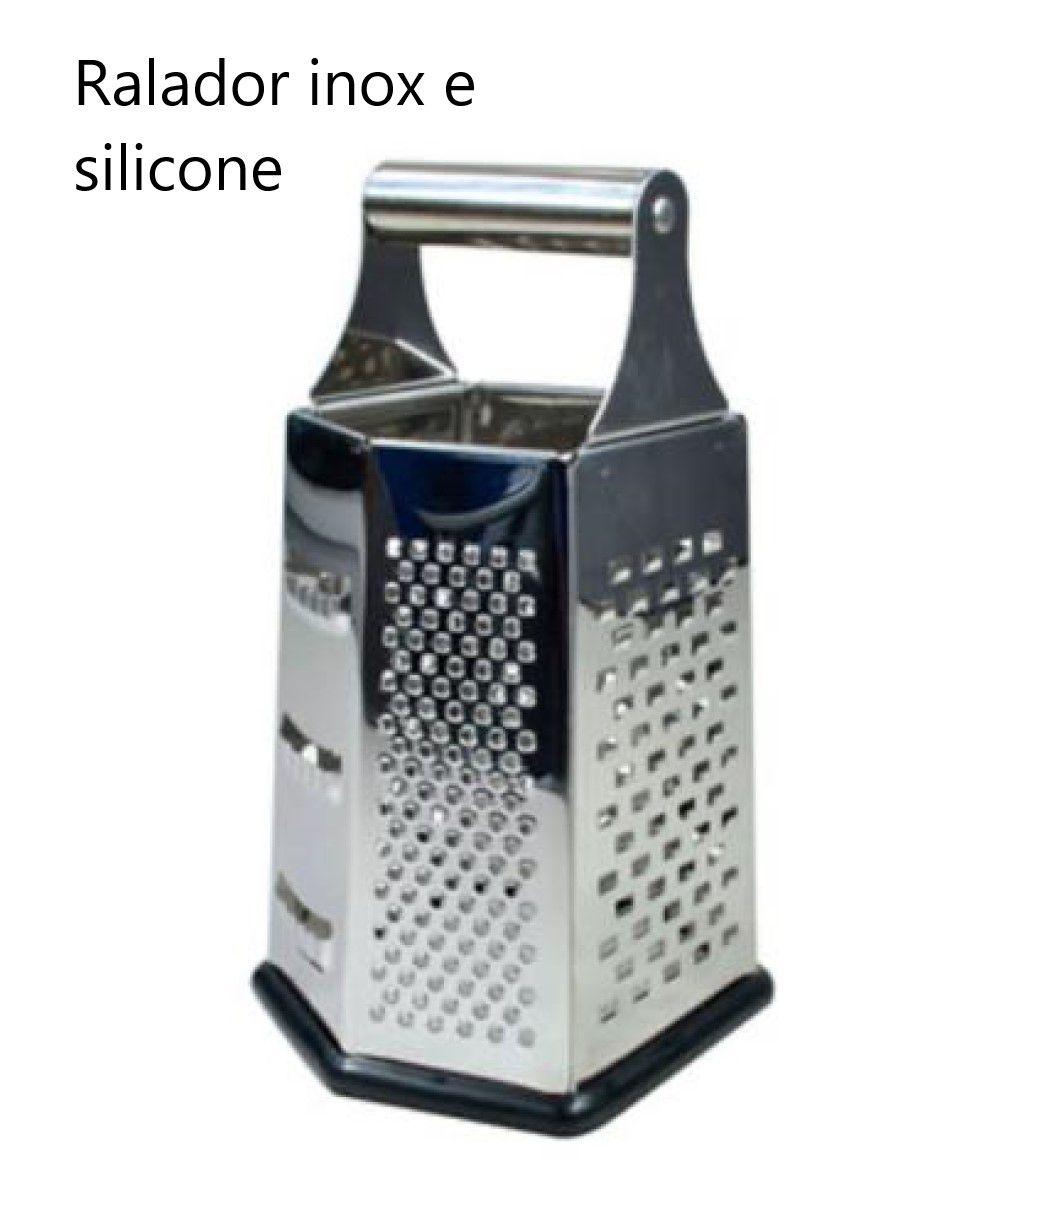 Ralador 6 faces aço inox e silicone com alça auxiliar 21cm para queijos nozes legumes